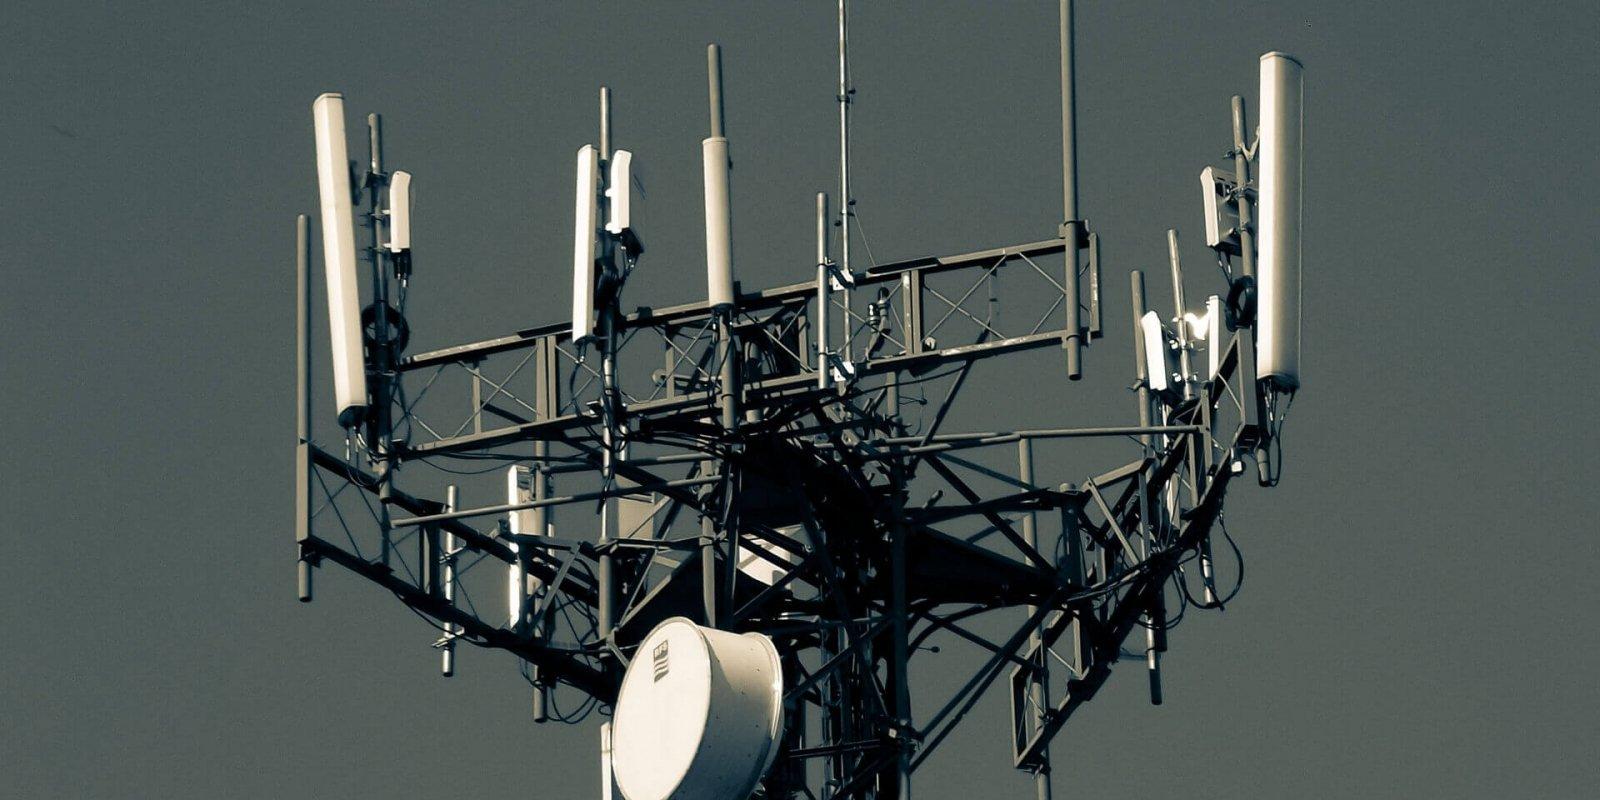 Der plötzliche extreme 5G-Ausbau - und der passende Kongress der Lösungen